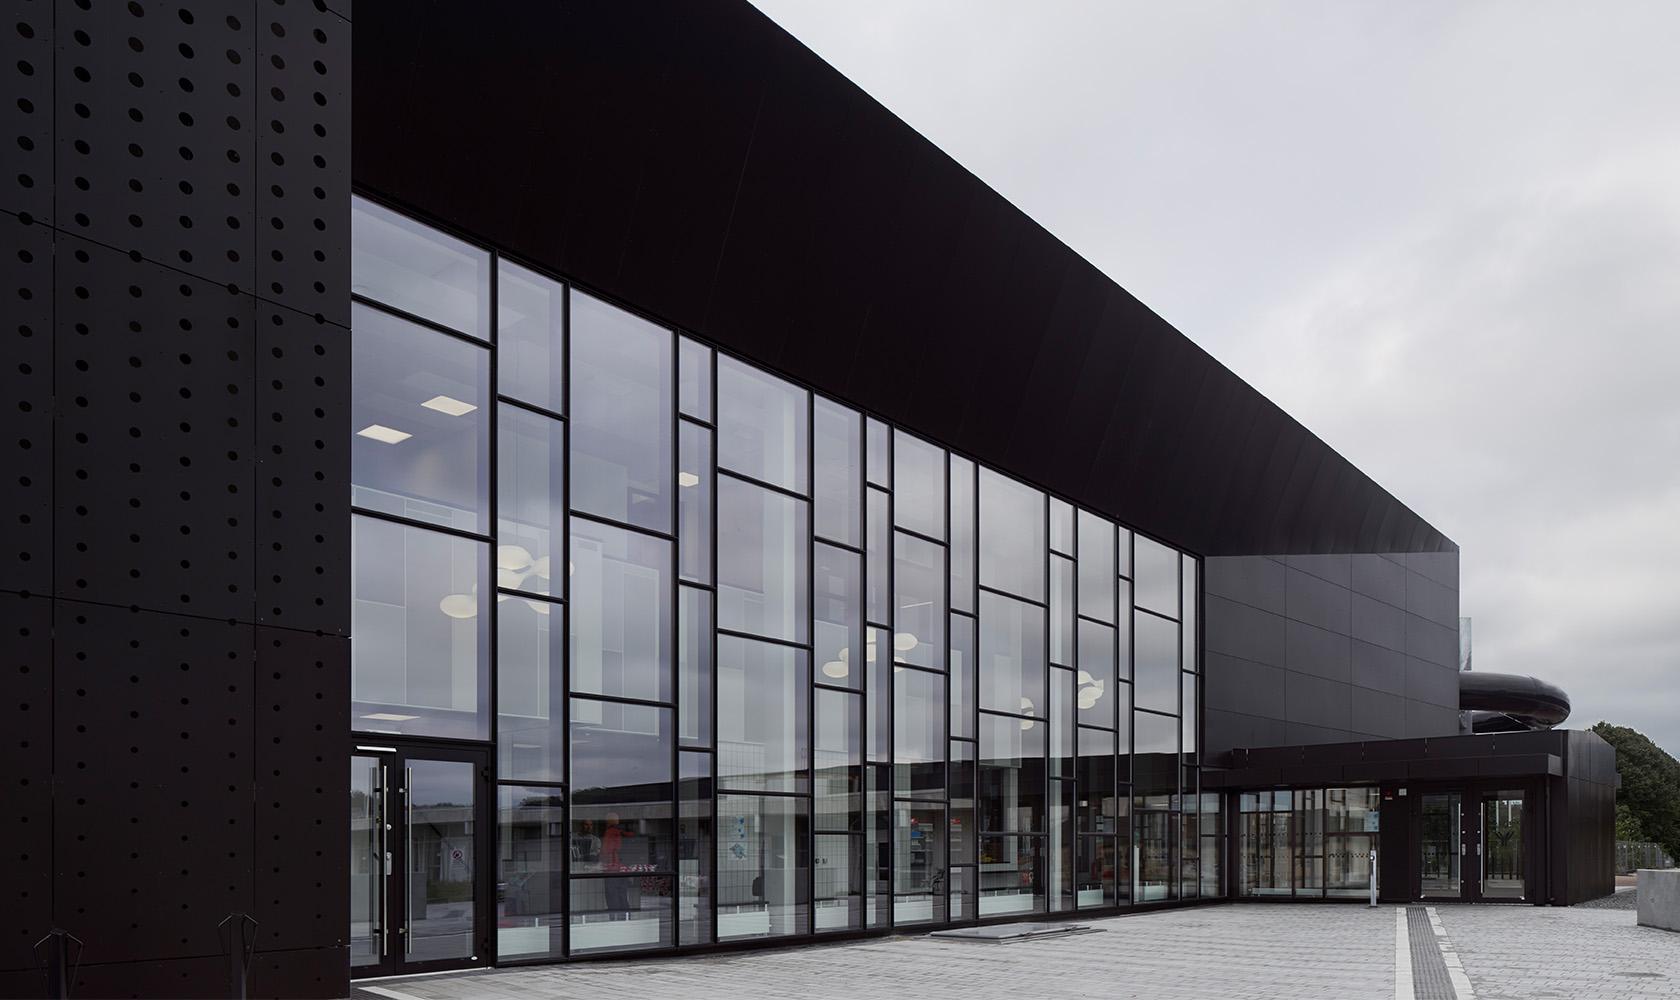 Entré till Ystad Arena